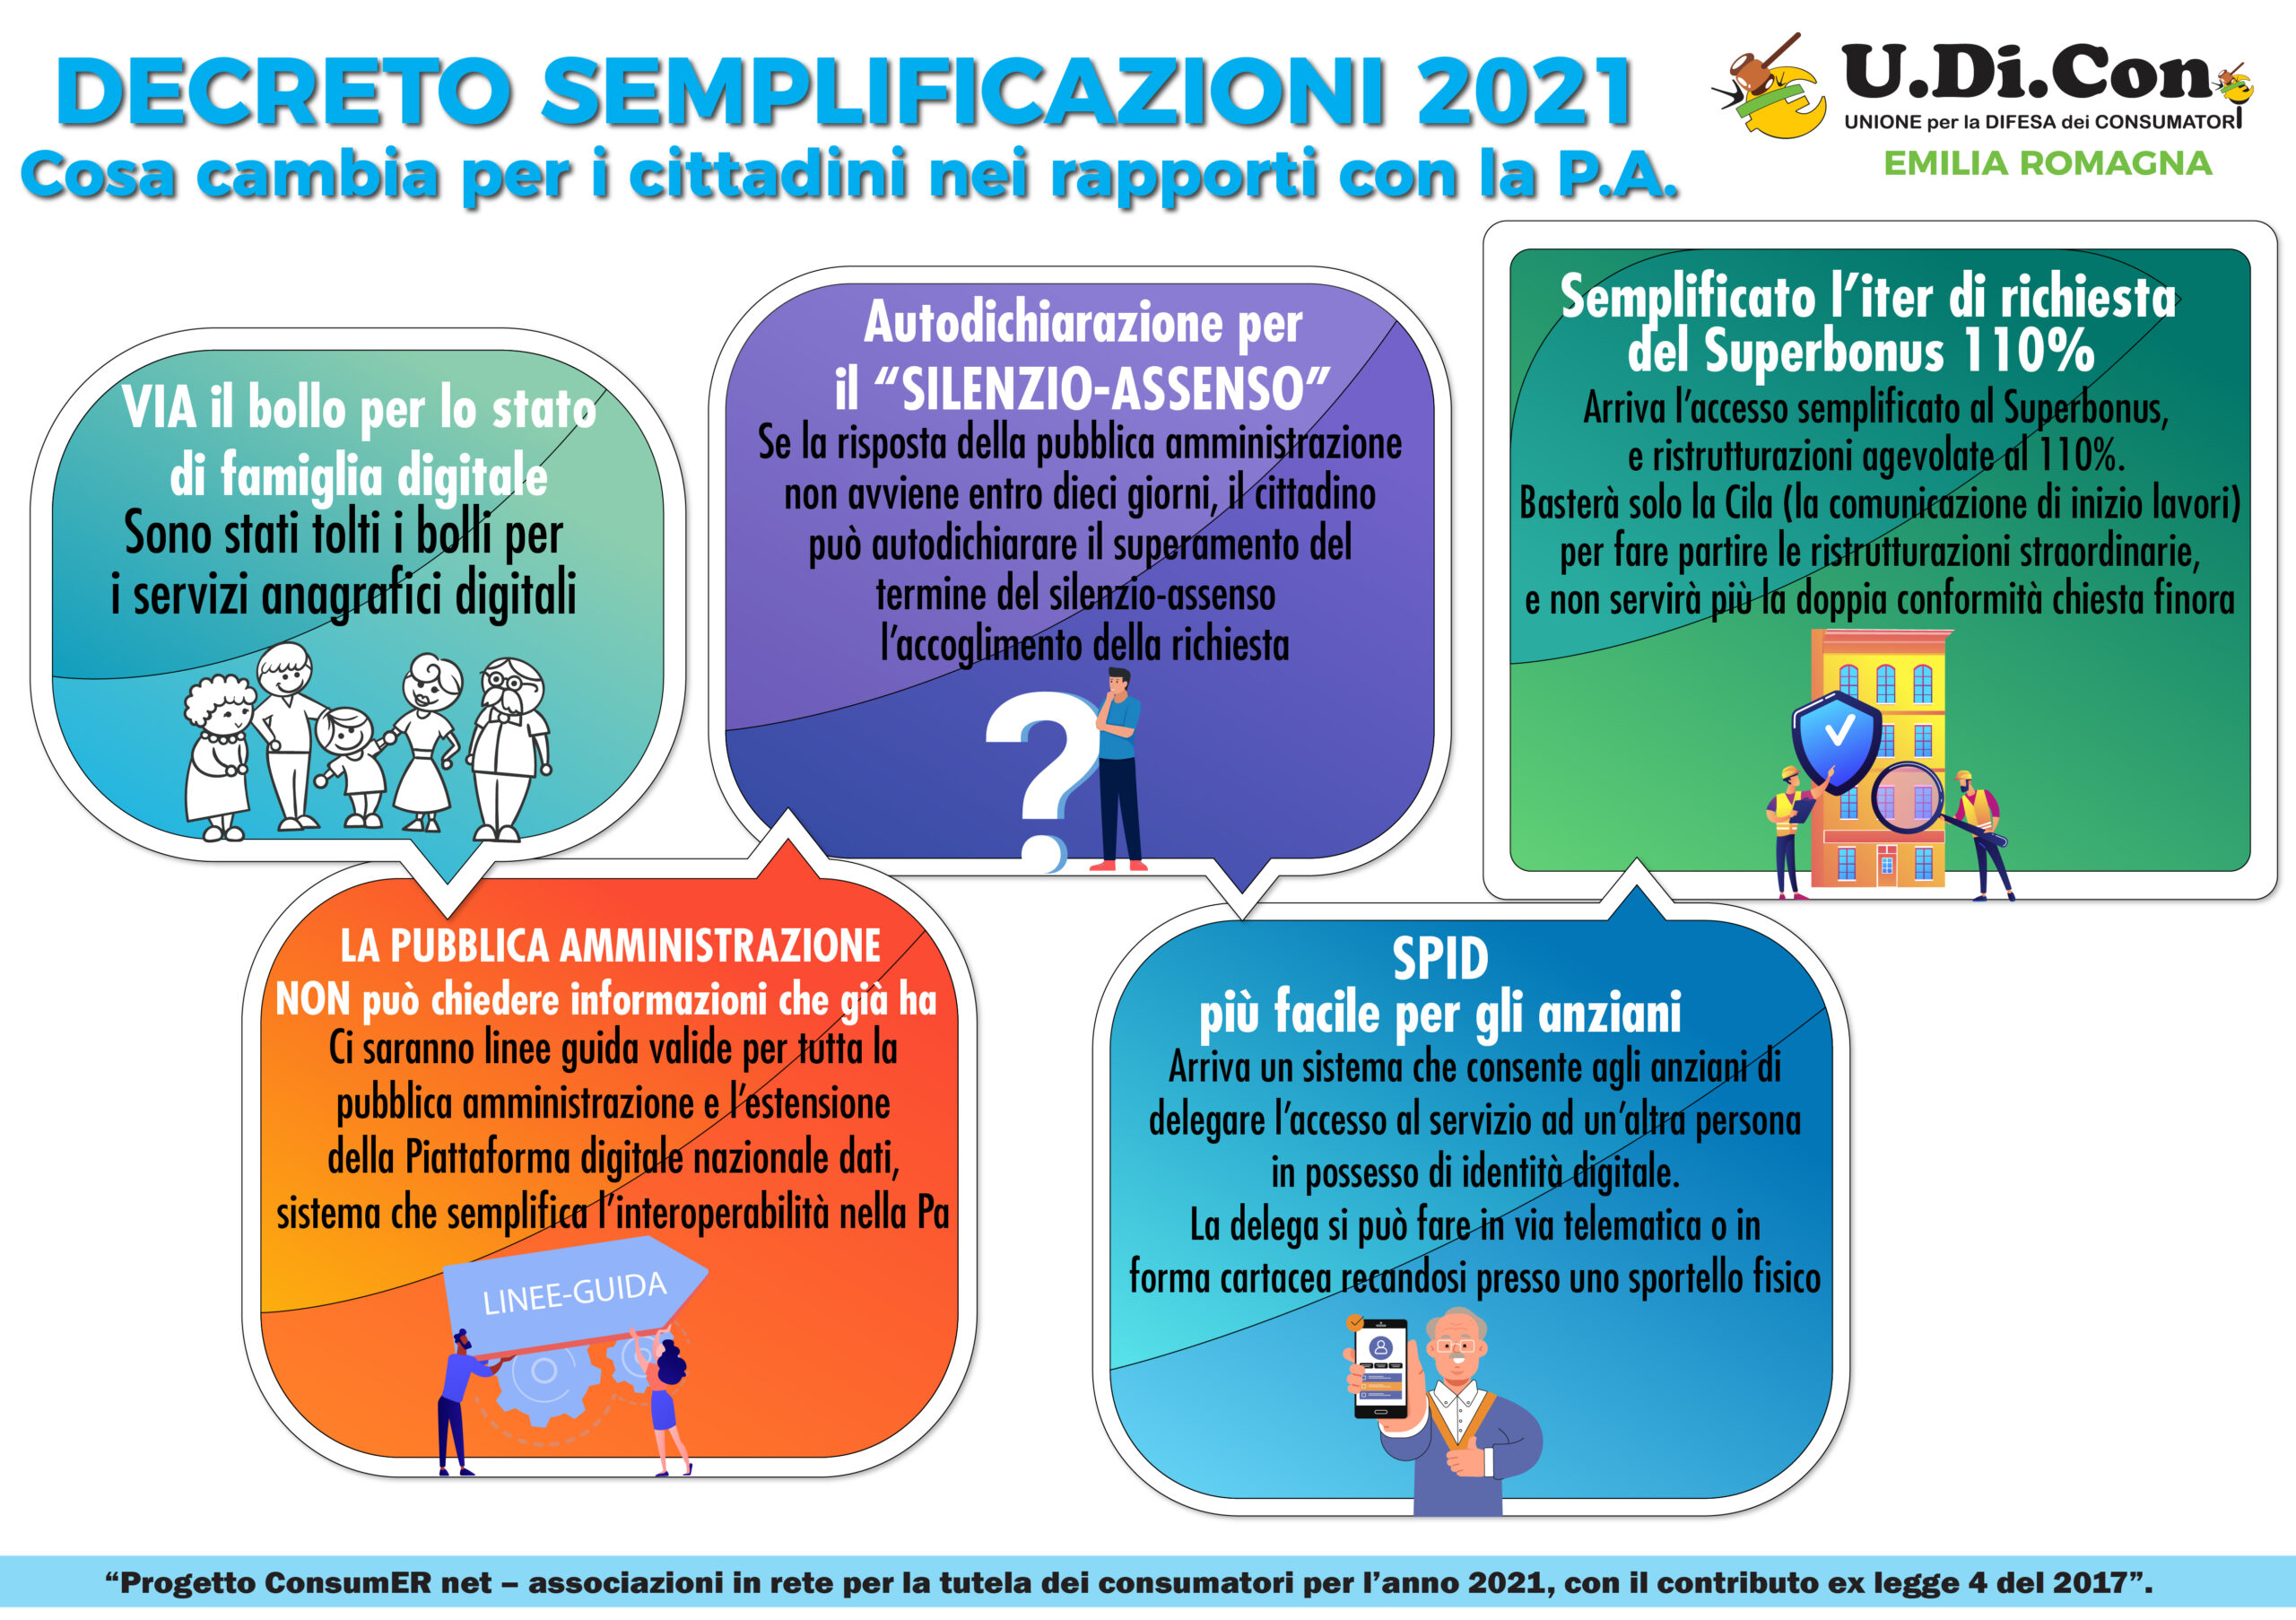 Infografica – Decreto Semplificazioni 2021. Cosa cambia per i cittadini nei  rapporti con le P.A. – UDICONER